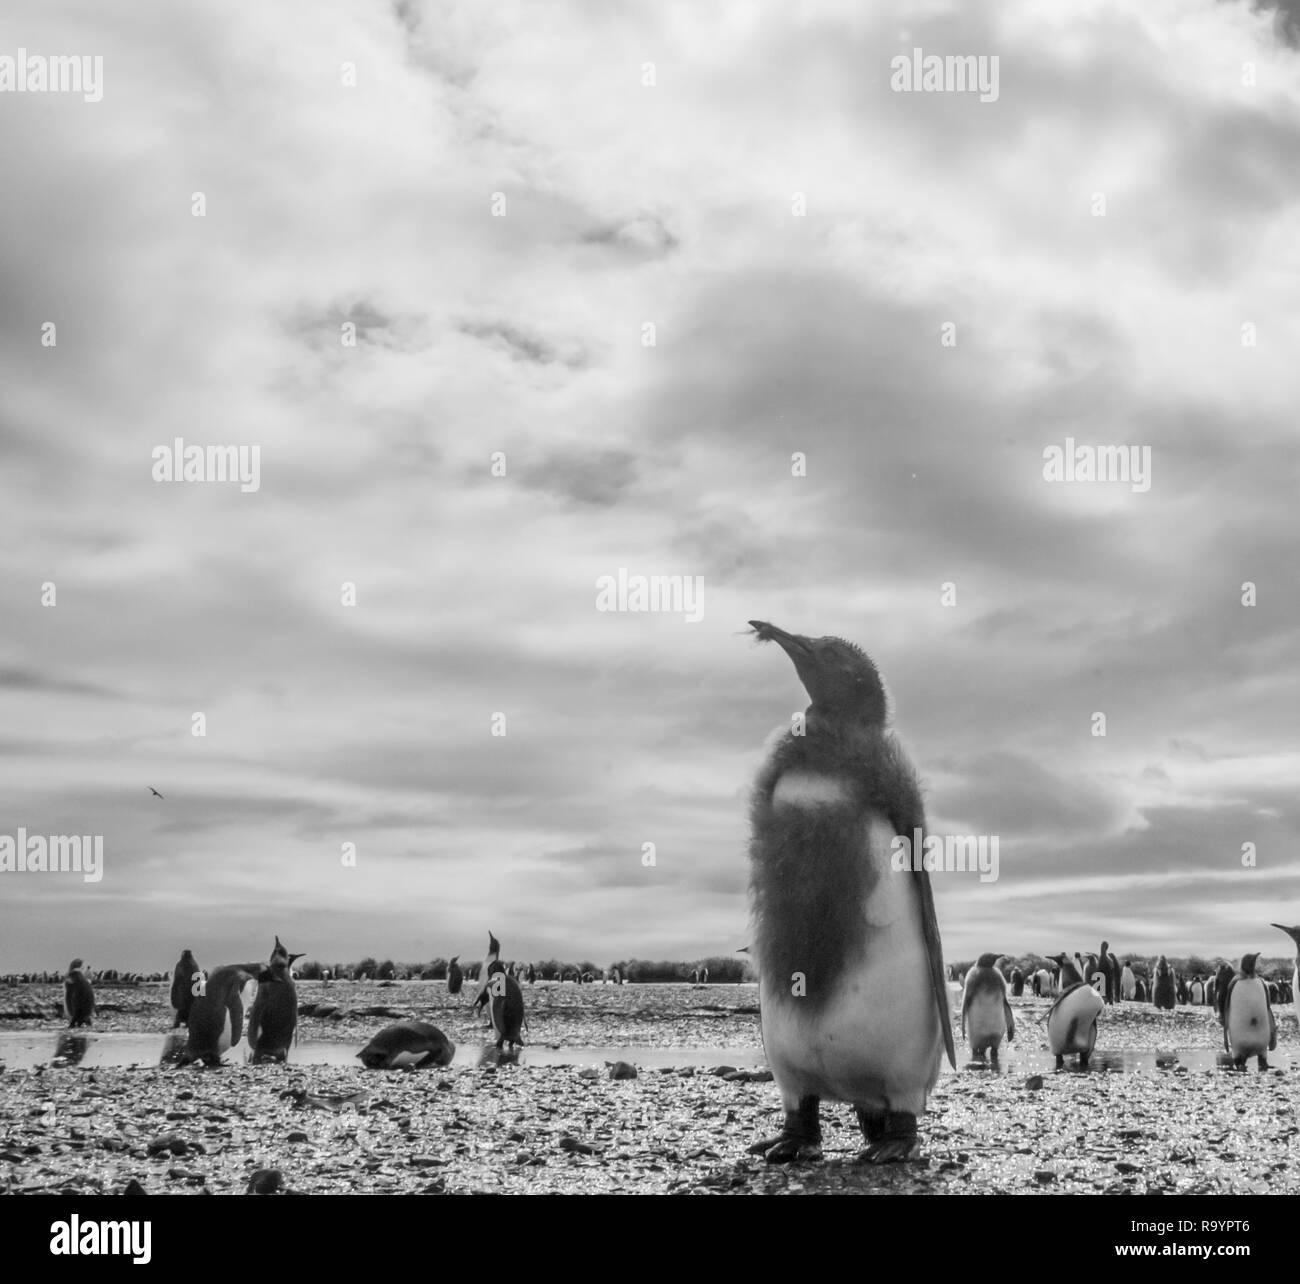 King Penguins on Salisbury plains - Stock Image